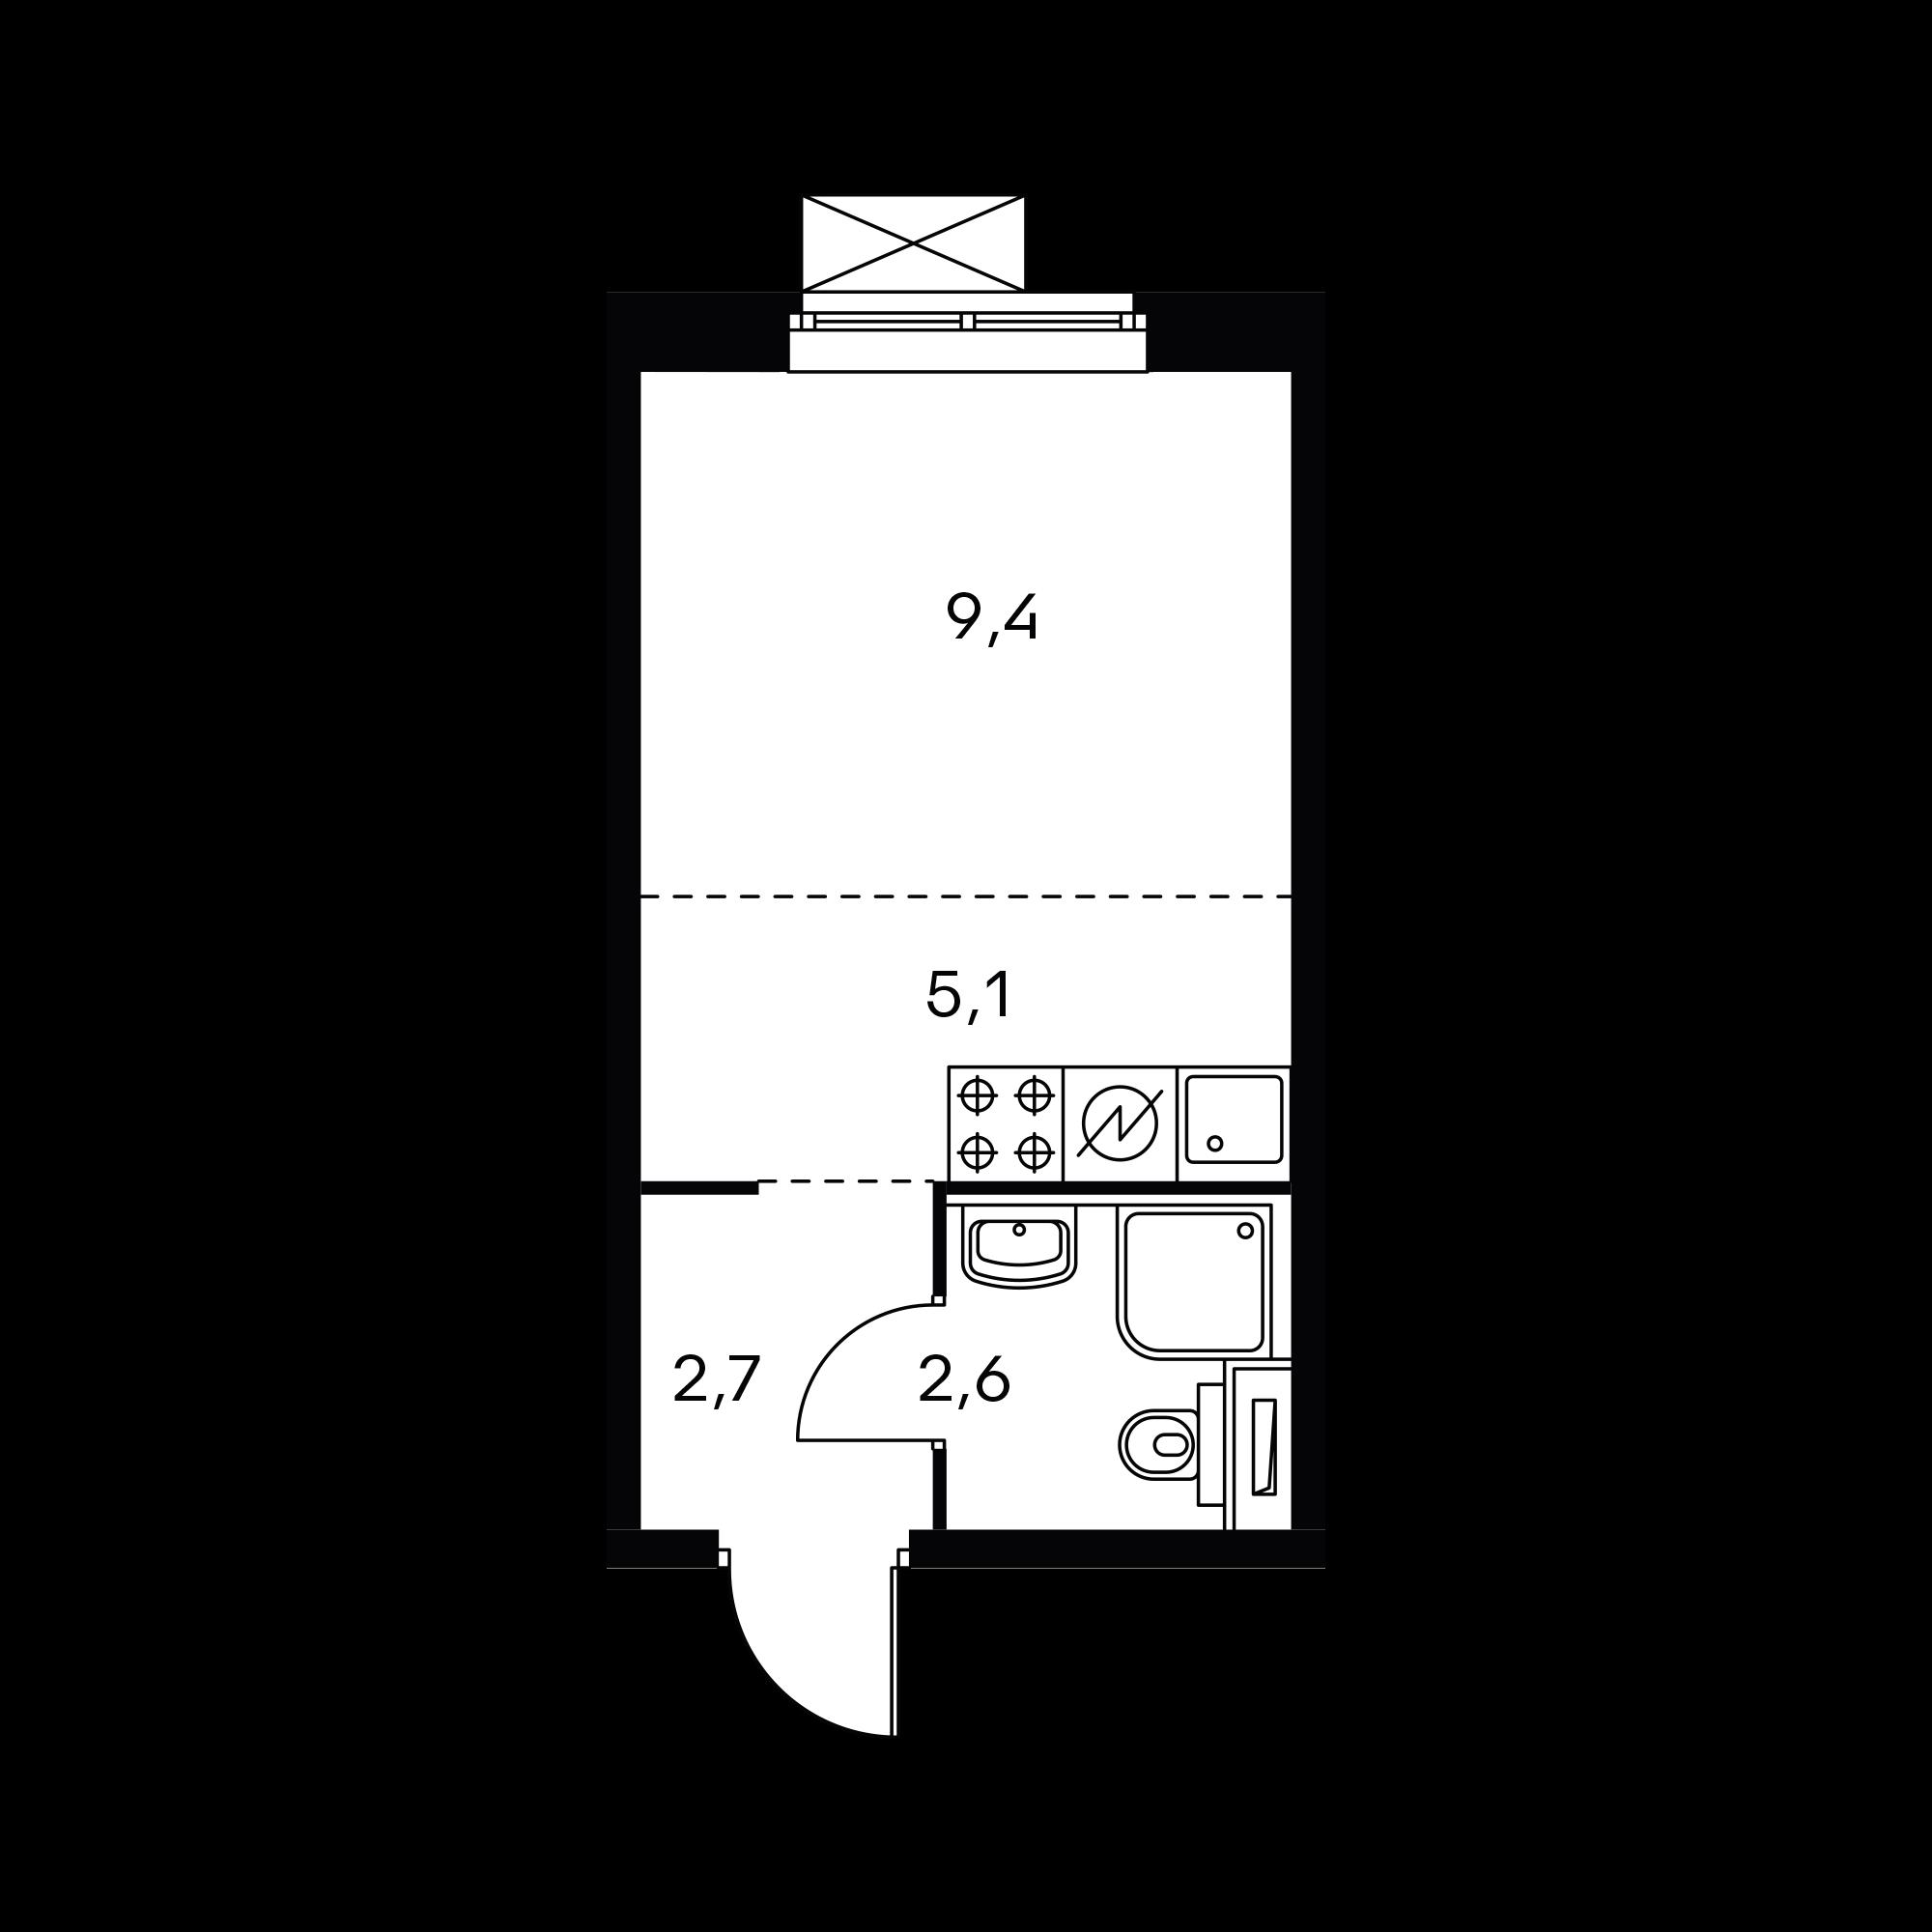 1NS1_3.6-1_S_Z1